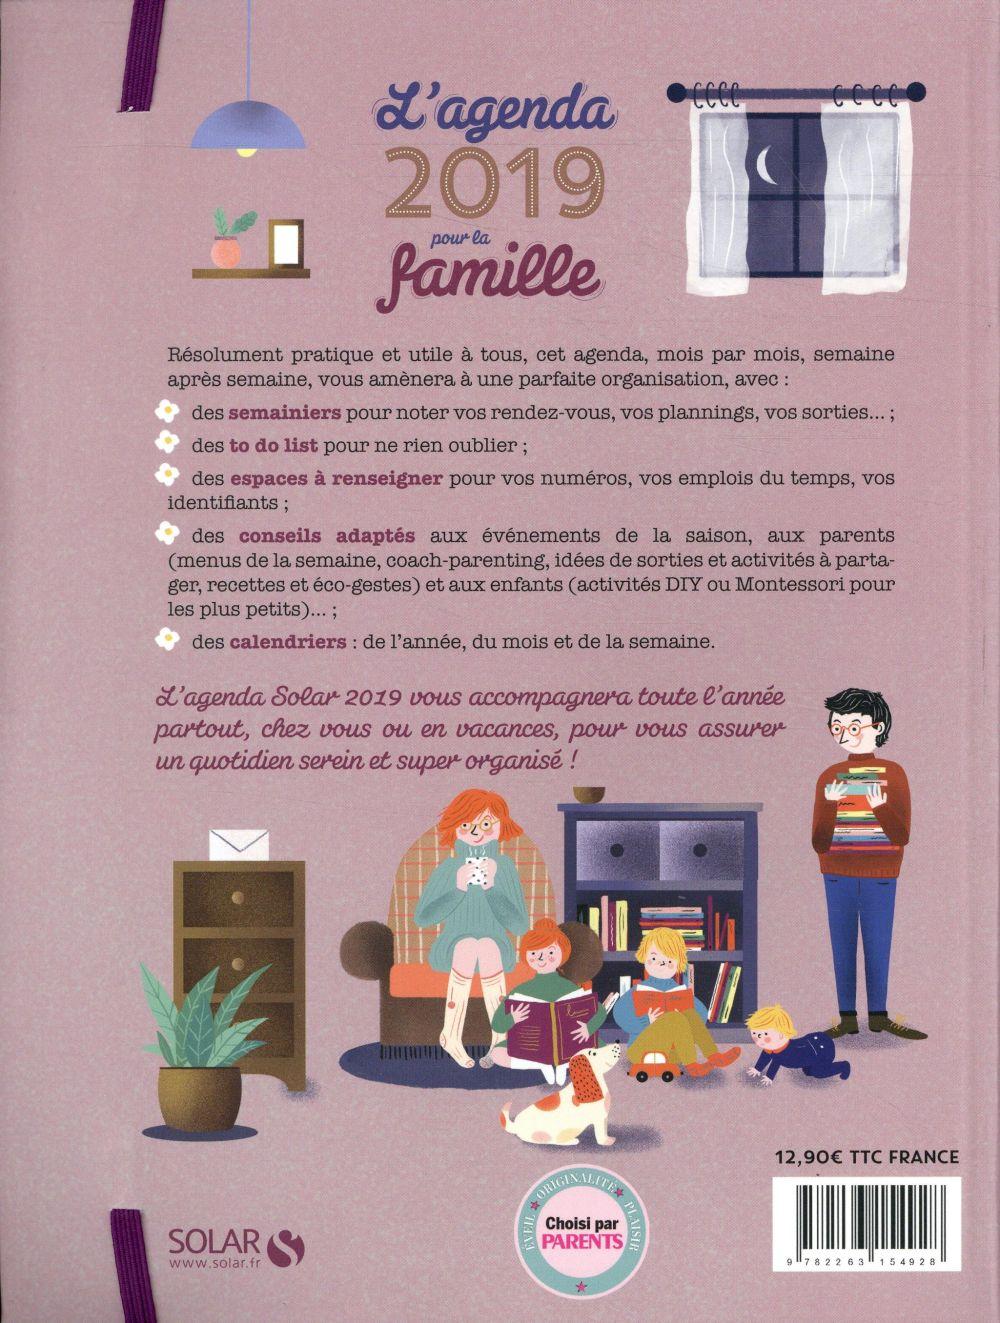 L'agenda solar pour la famille (édition 2019)